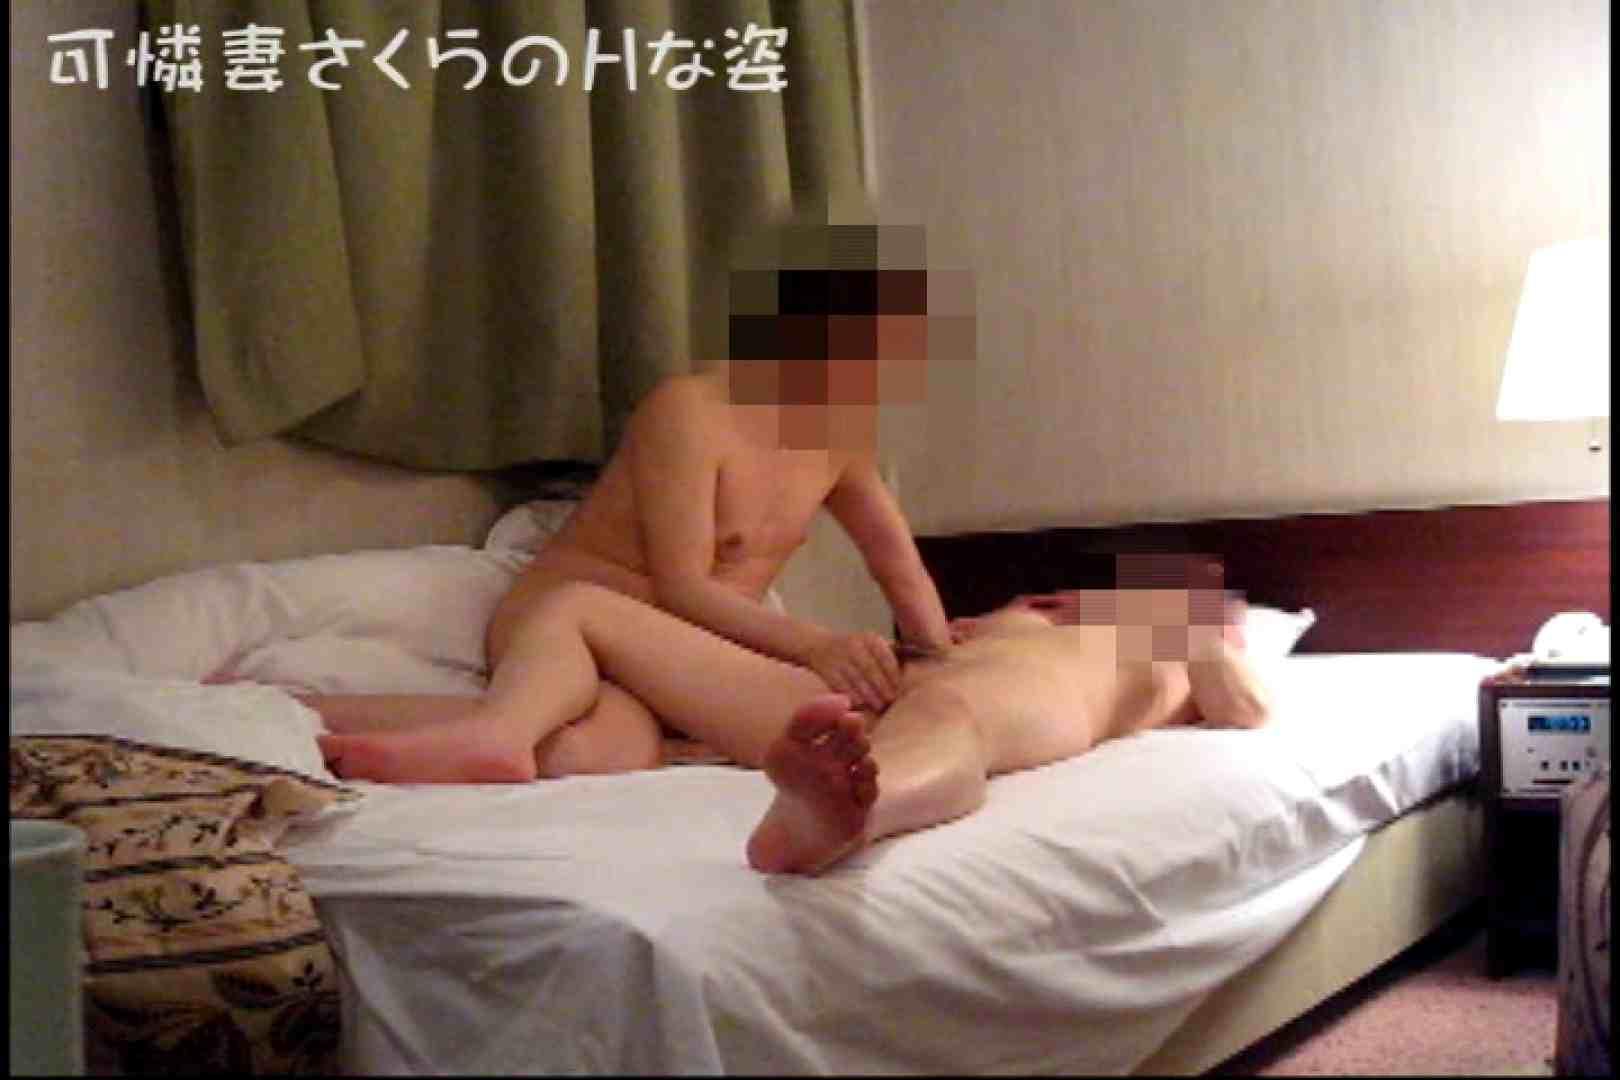 可憐妻さくらのHな姿vol.5前編 ホテル  23連発 10